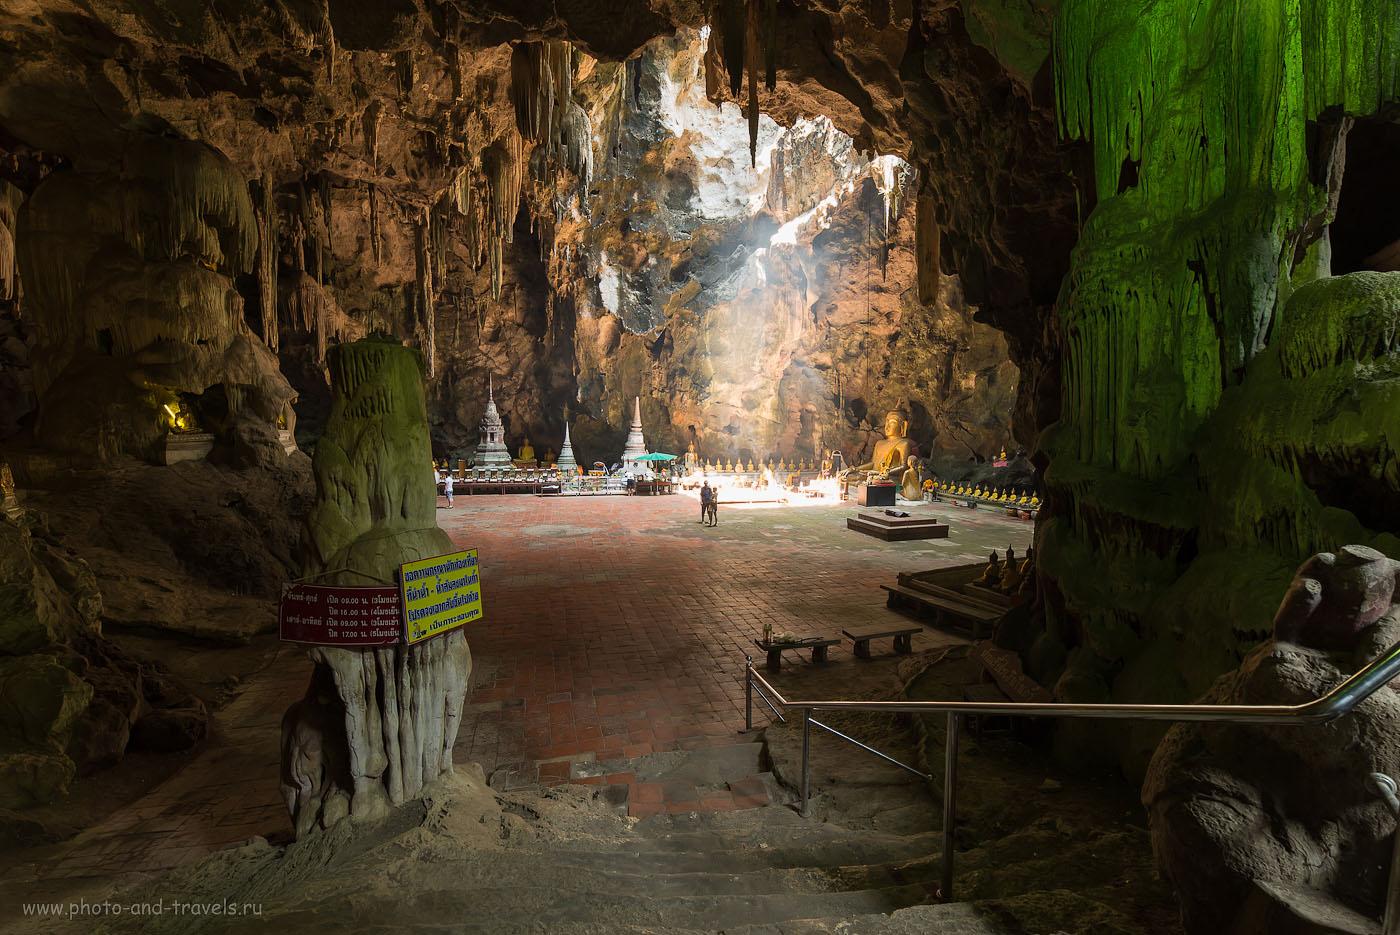 Фото 15. Волшебный зал пещеры Tham Khao Luang Cave (100, 14, 8.0, 0.5 секунды, полнокадровая зеркалка Никон Д610, объектив Самъянг 14/2,8, снято одним кадром). Достопримечательности региона Хуахин. Поездка в Таиланд самостоятельно